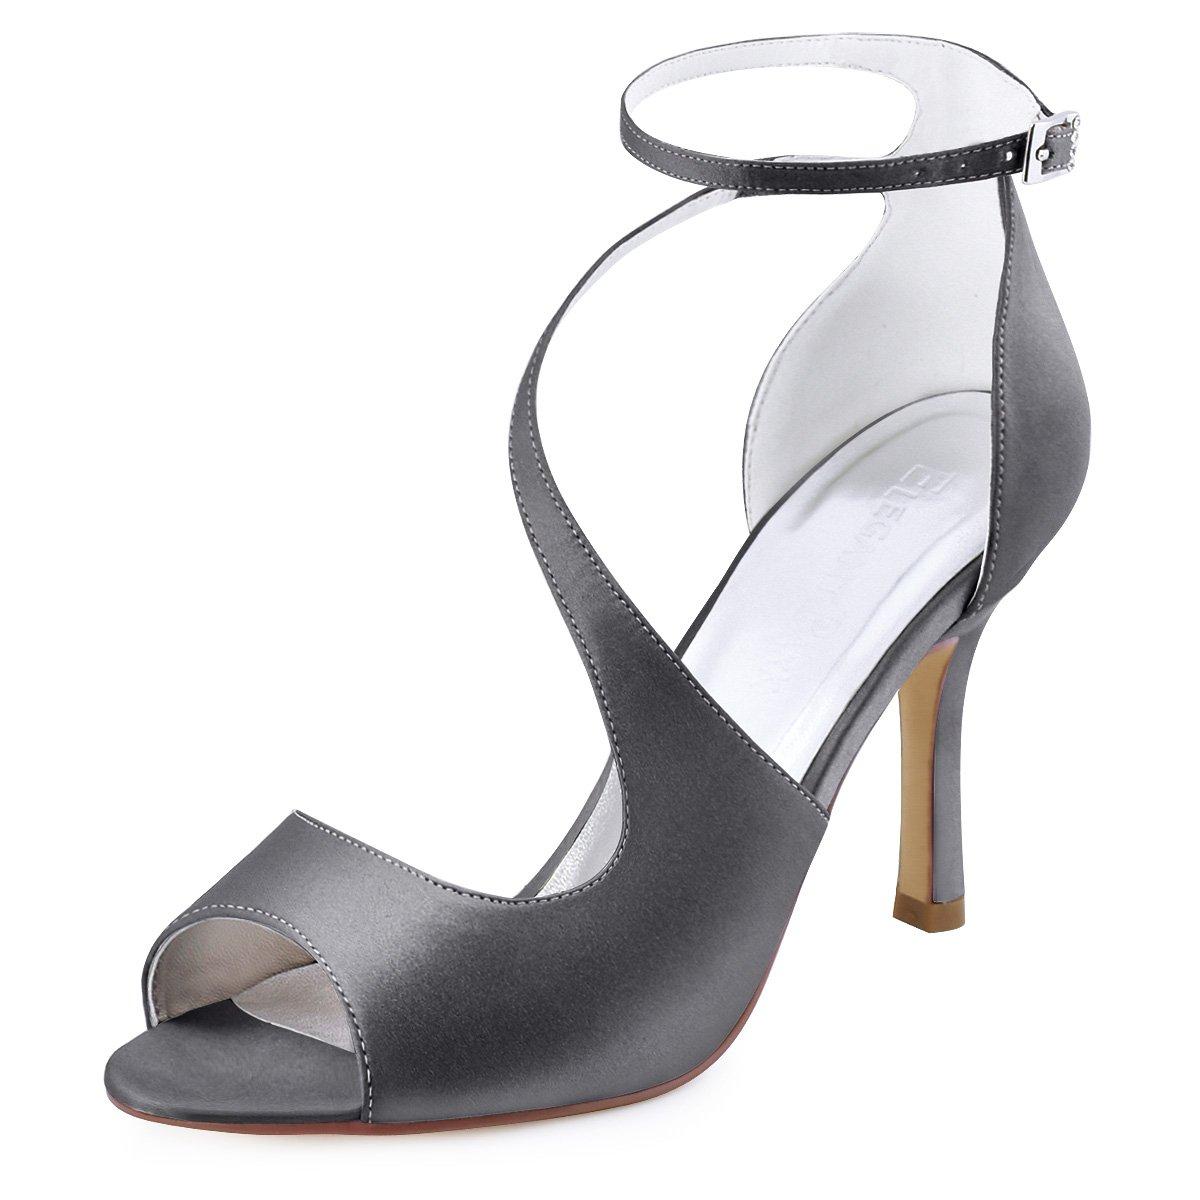 ElegantPark 10618 HP1505 Escarpins Femme acier Bout Ouvert Diamant mariee Btide Cheville Boucle Sandales Chaussures de mariee Bal Argent D acier 385b1ff - reprogrammed.space